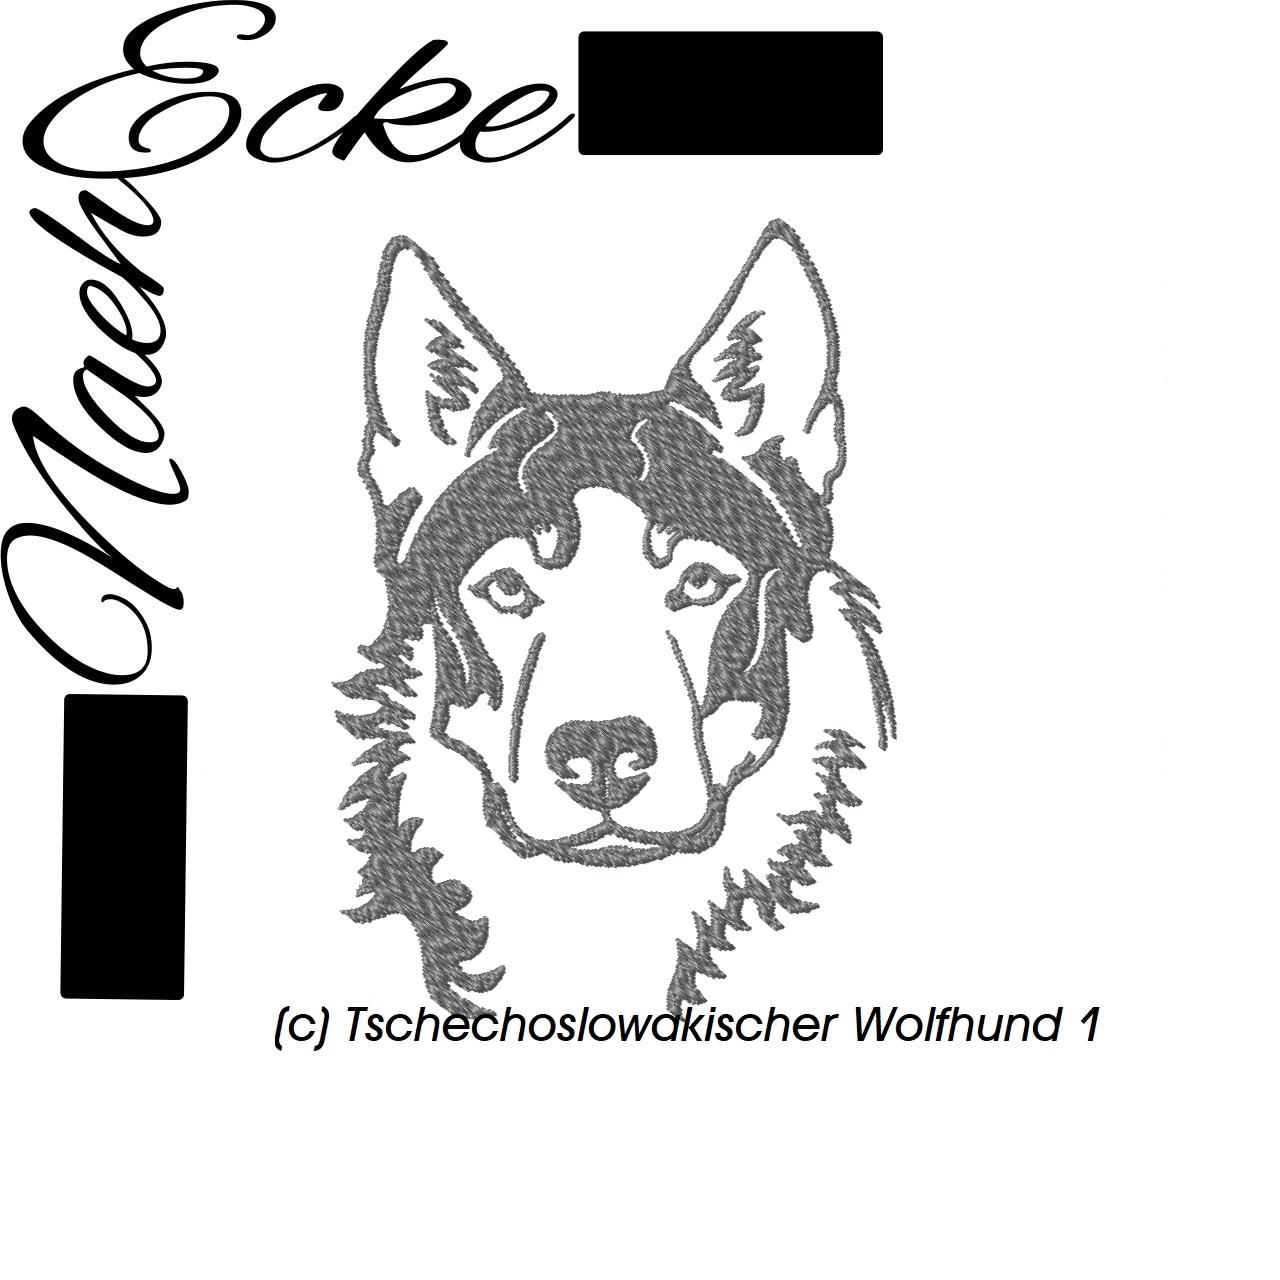 Tschechoslowakischer Wolfhund 1